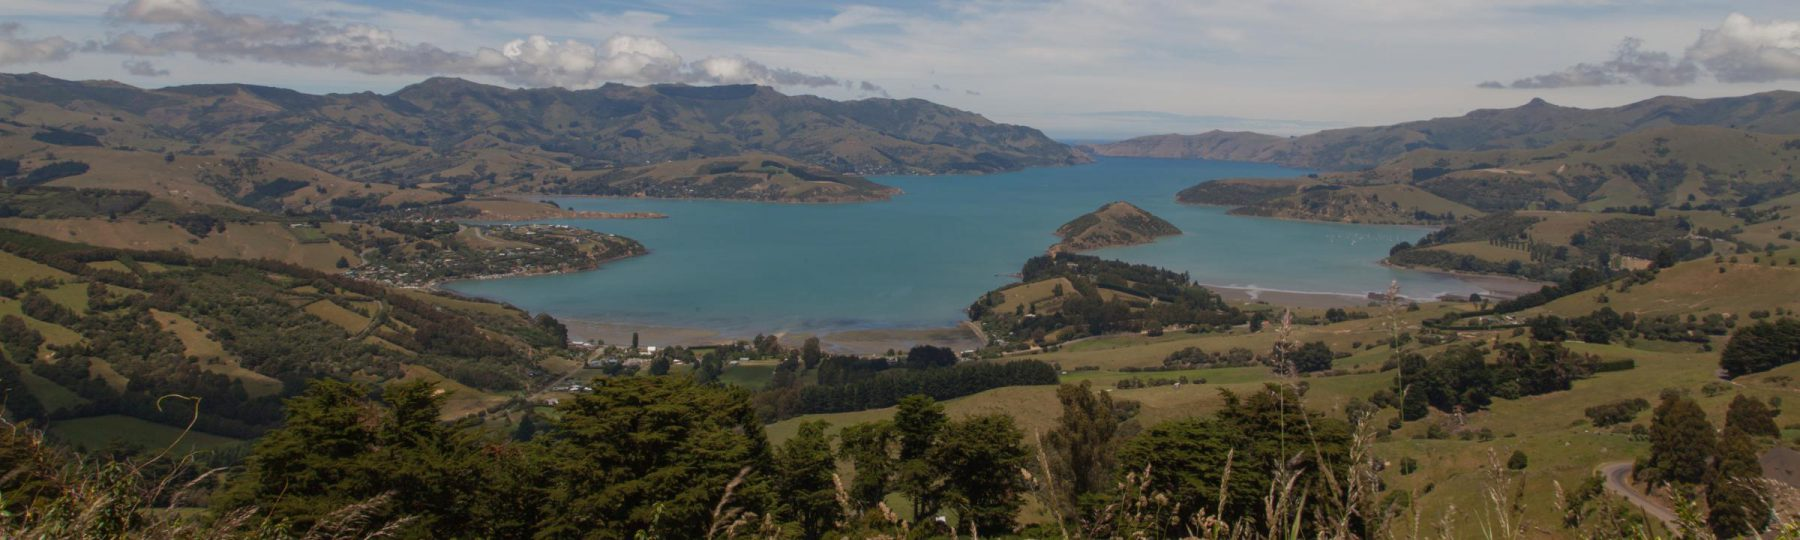 Panoramablick auf Akaroa